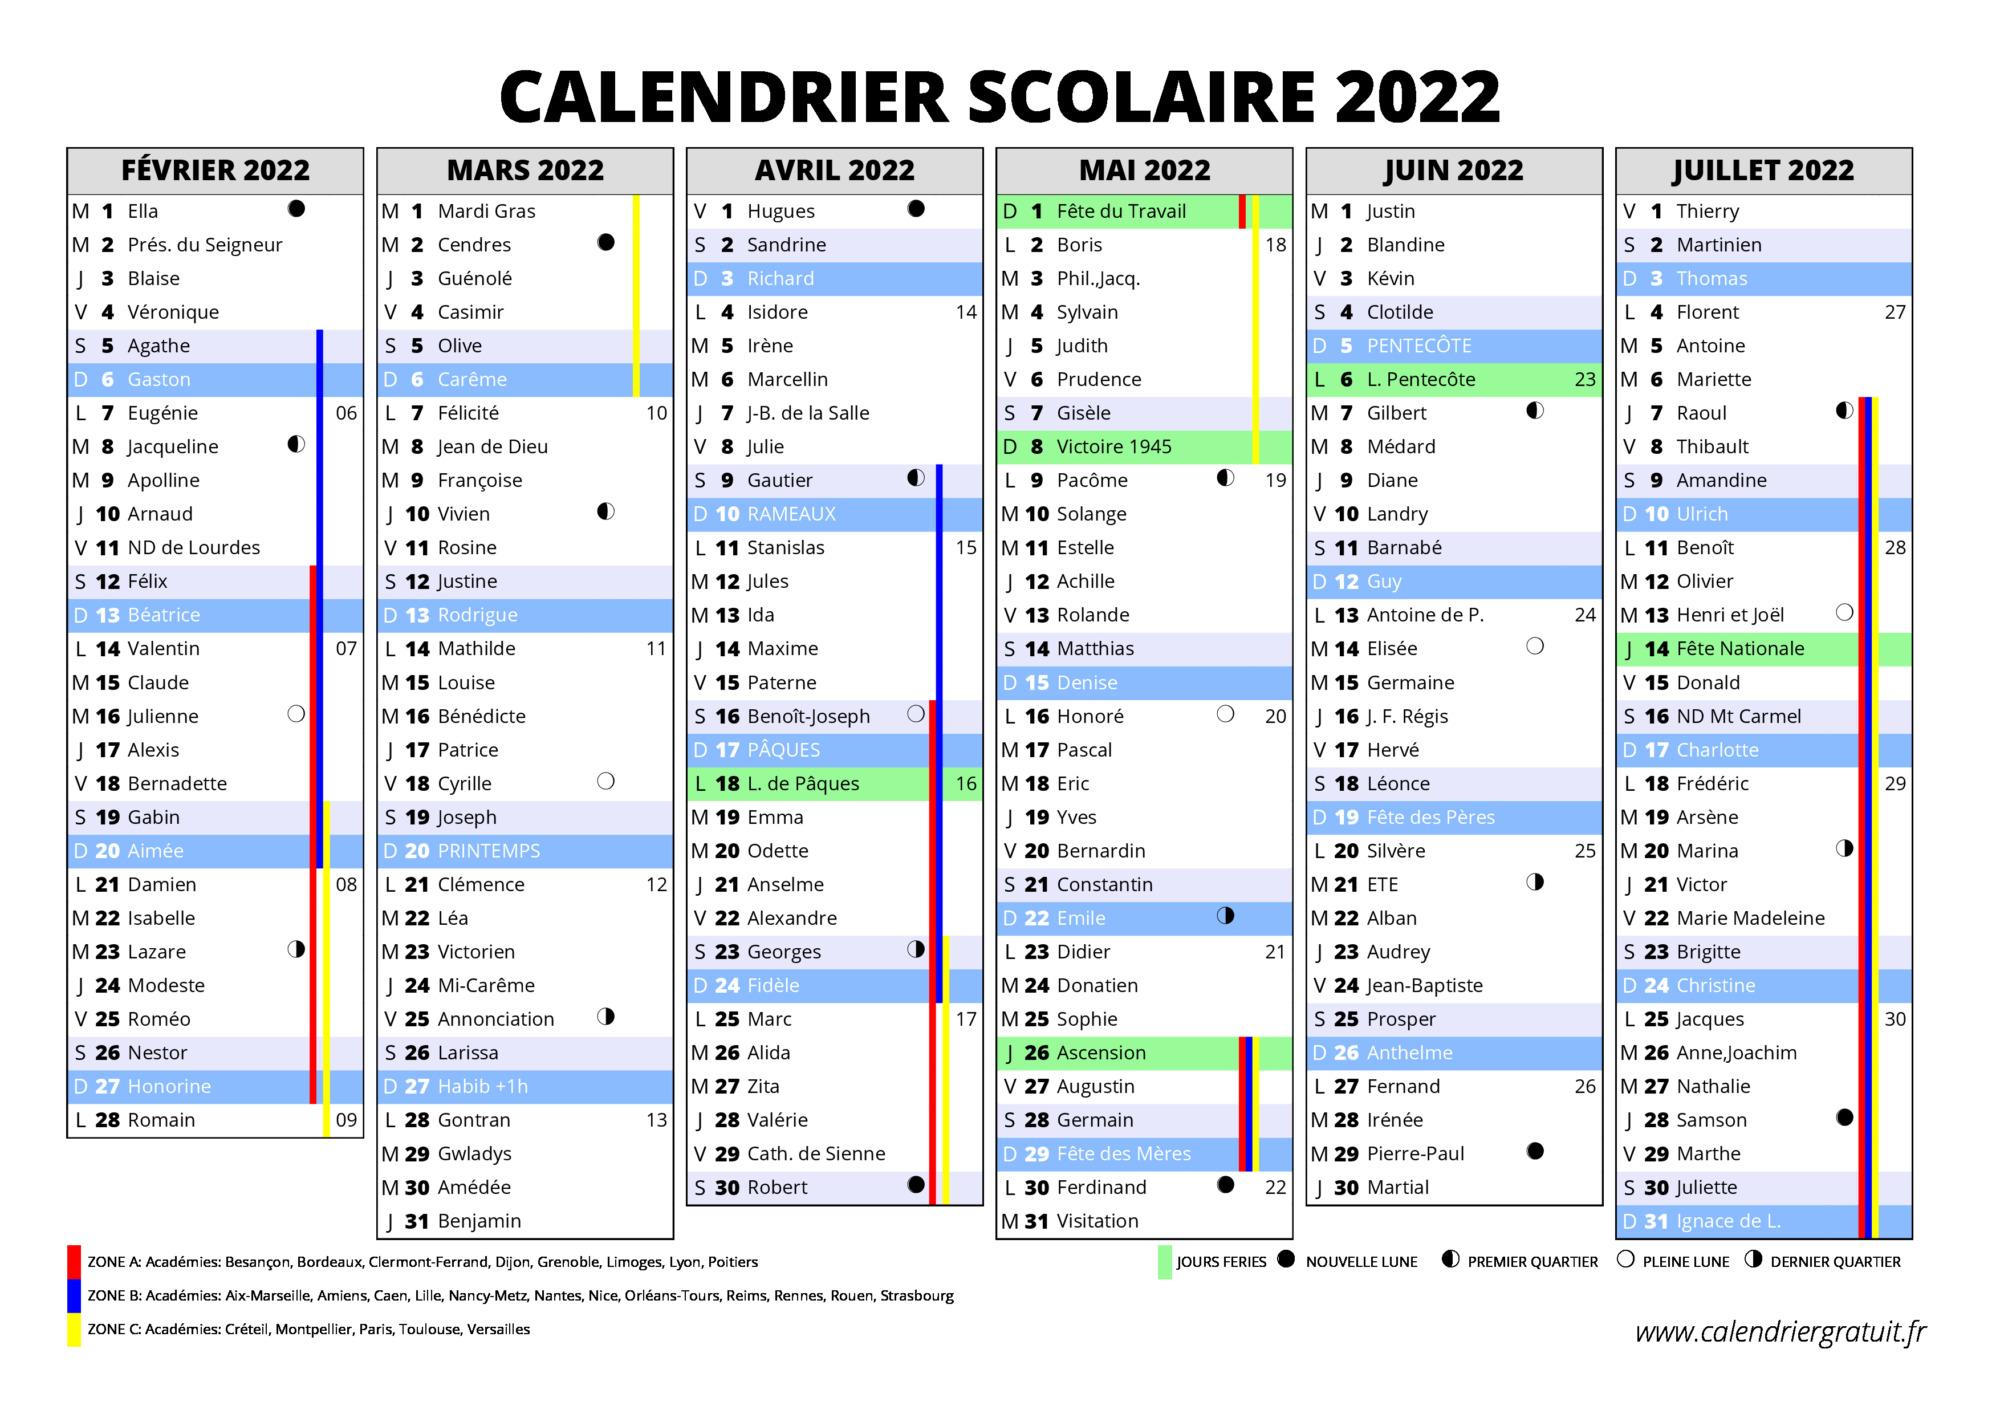 Calendrier 2022 Avec Vacances Scolaires Excel Calendrier scolaire 2021 2022 à imprimer